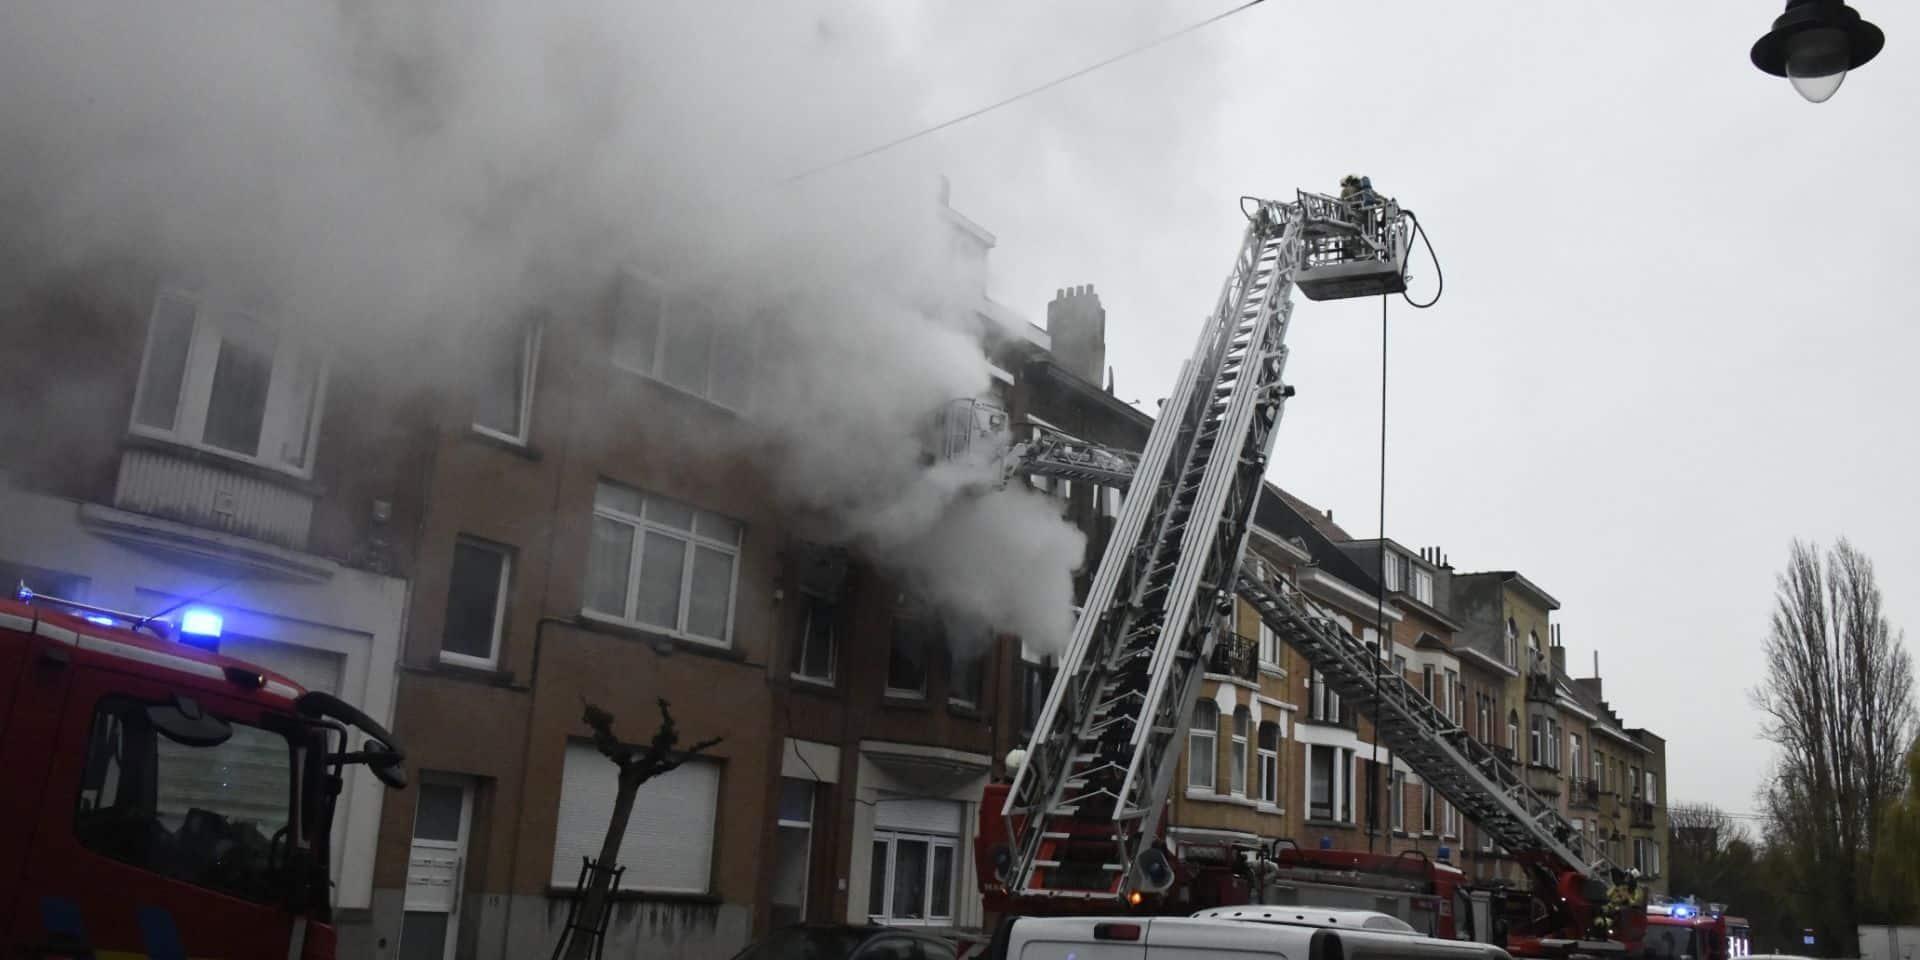 Plusieurs personnes, dont un enfant, intoxiquées dans un gros incendie à Laeken